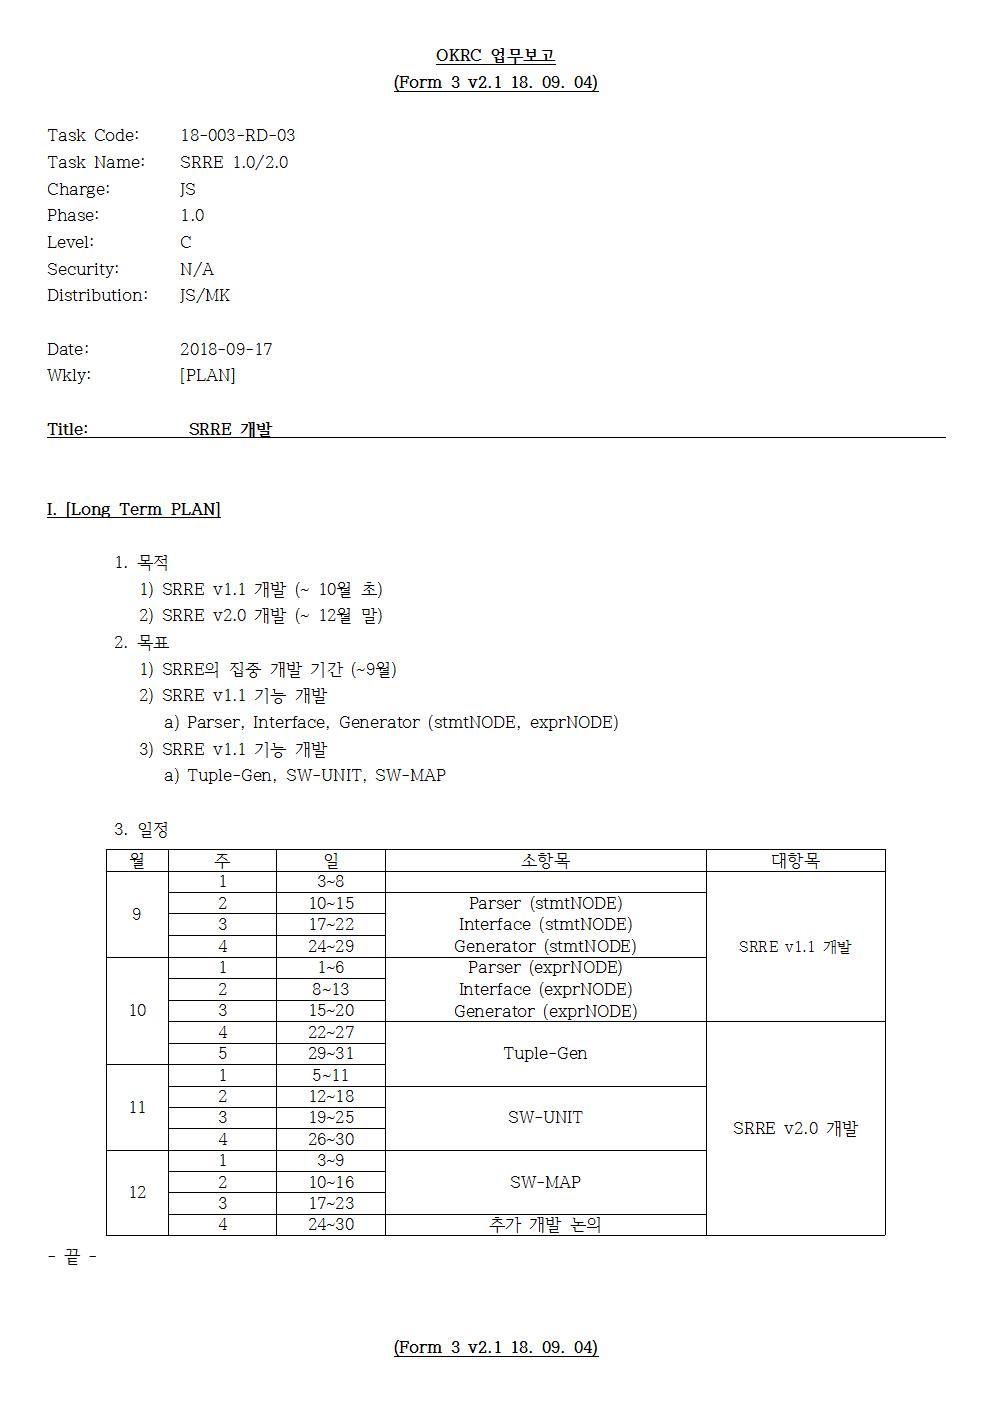 D-[18-003-RD-03]-[SRRE]-[2018-09-17][JS]001.jpg